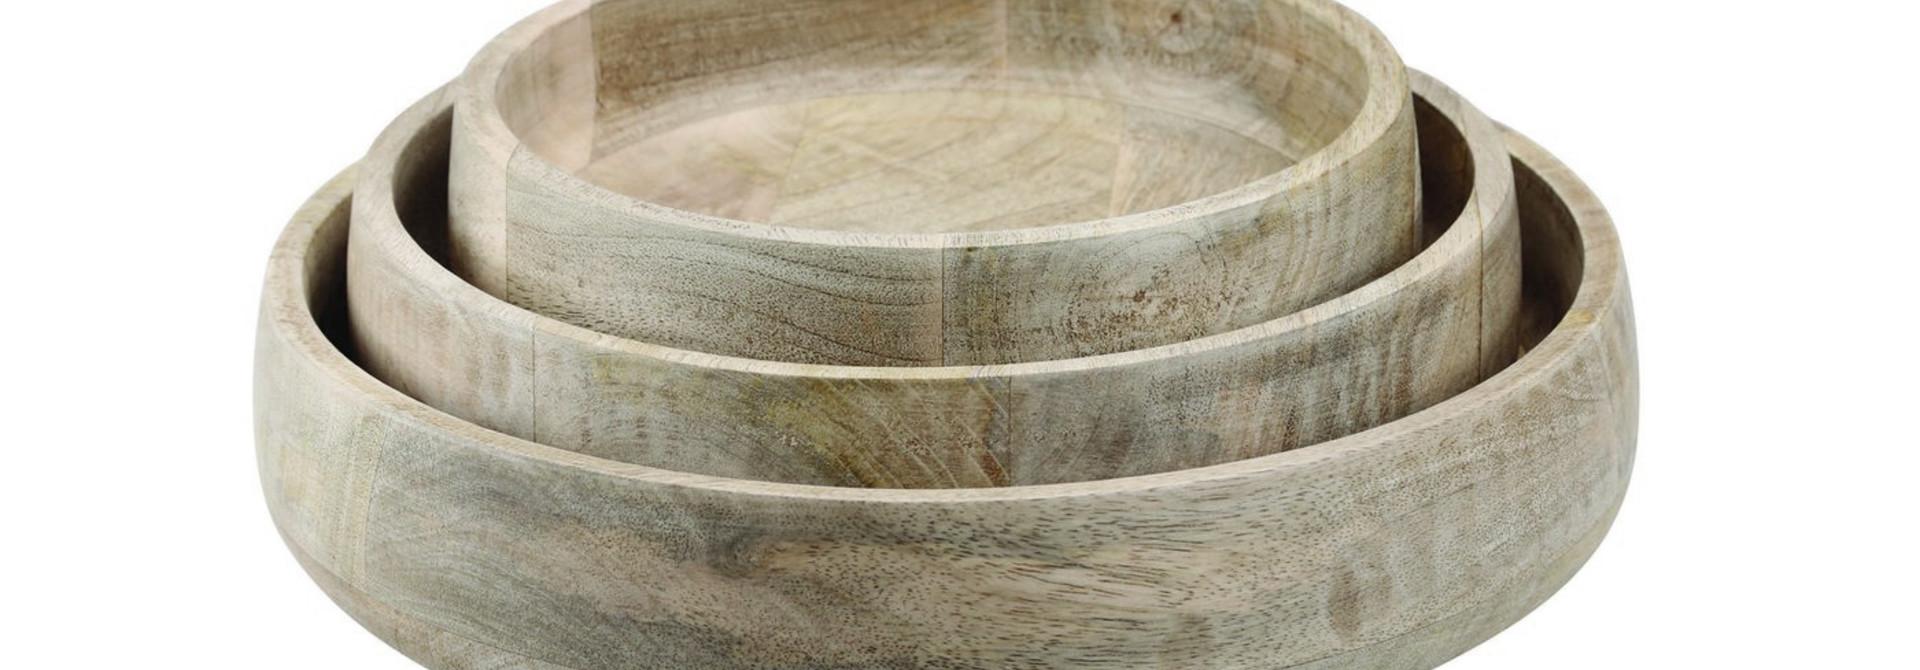 Natural Mango Wood Serving Bowl - Small